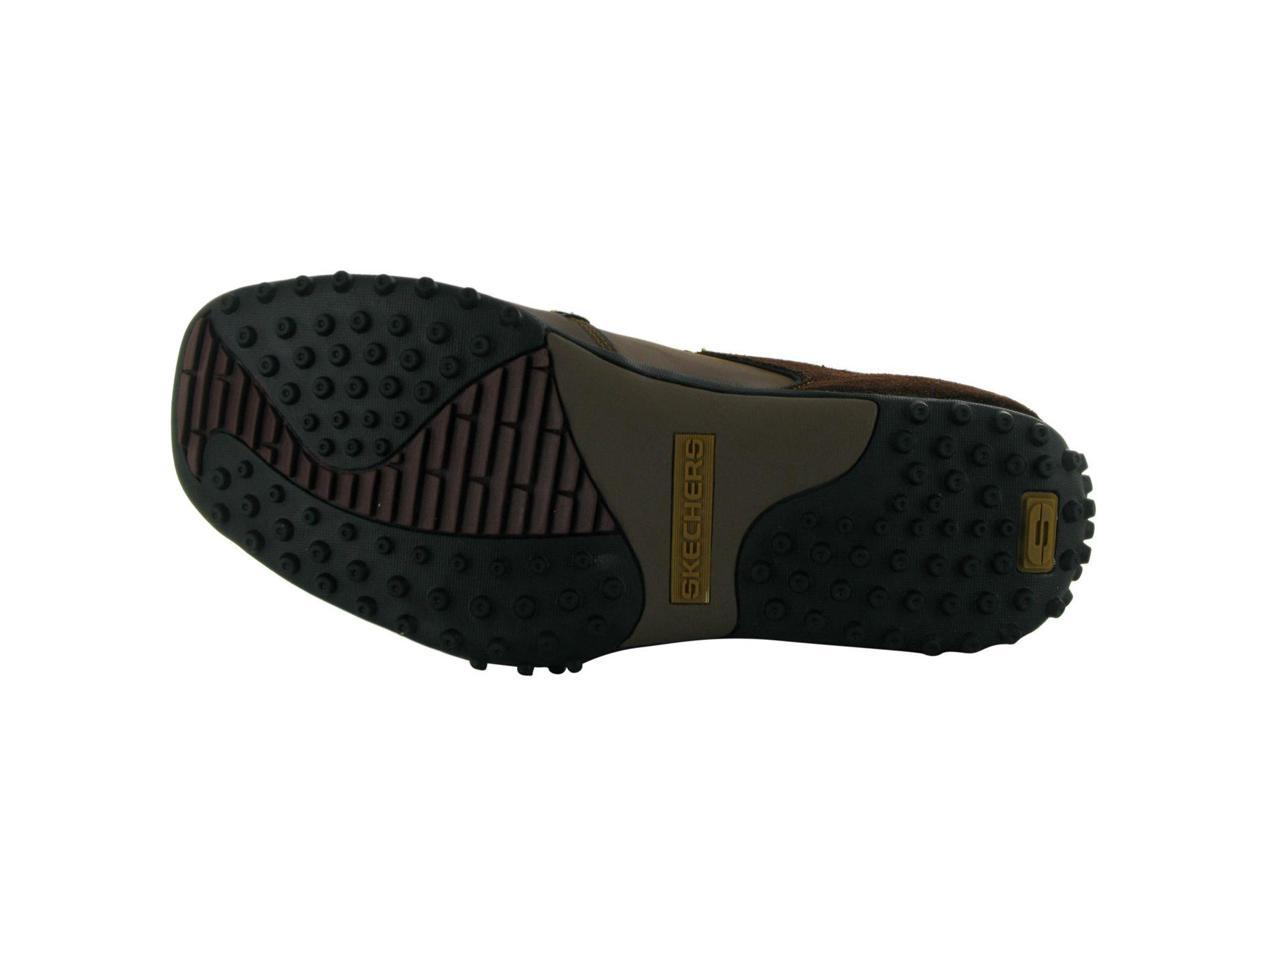 Skechers Urbantrack Wynn Casual Shoes